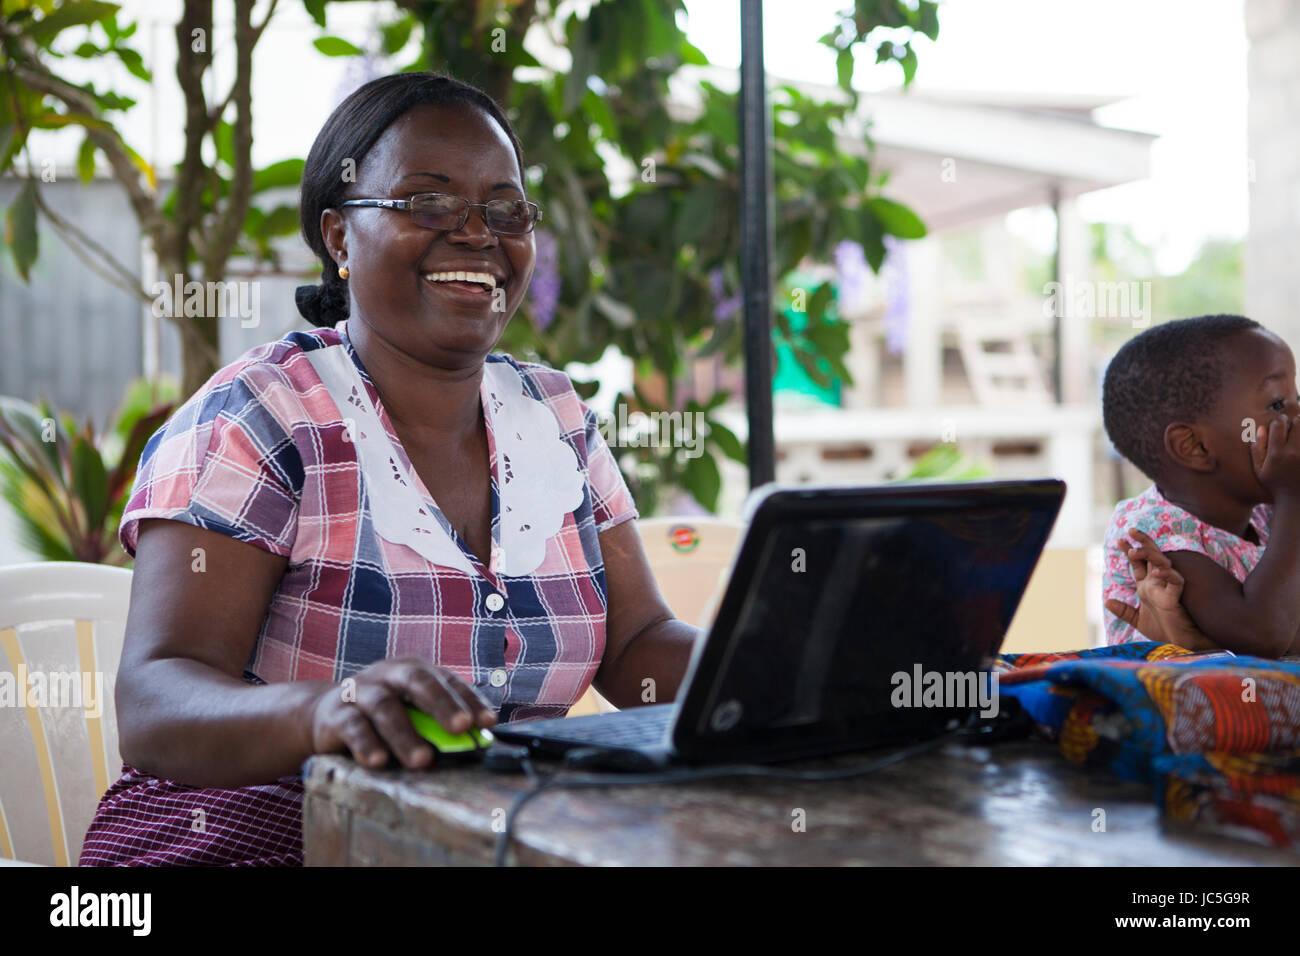 Une femme propriétaire de petite entreprise sur son ordinateur, Tanzania, Africa Photo Stock